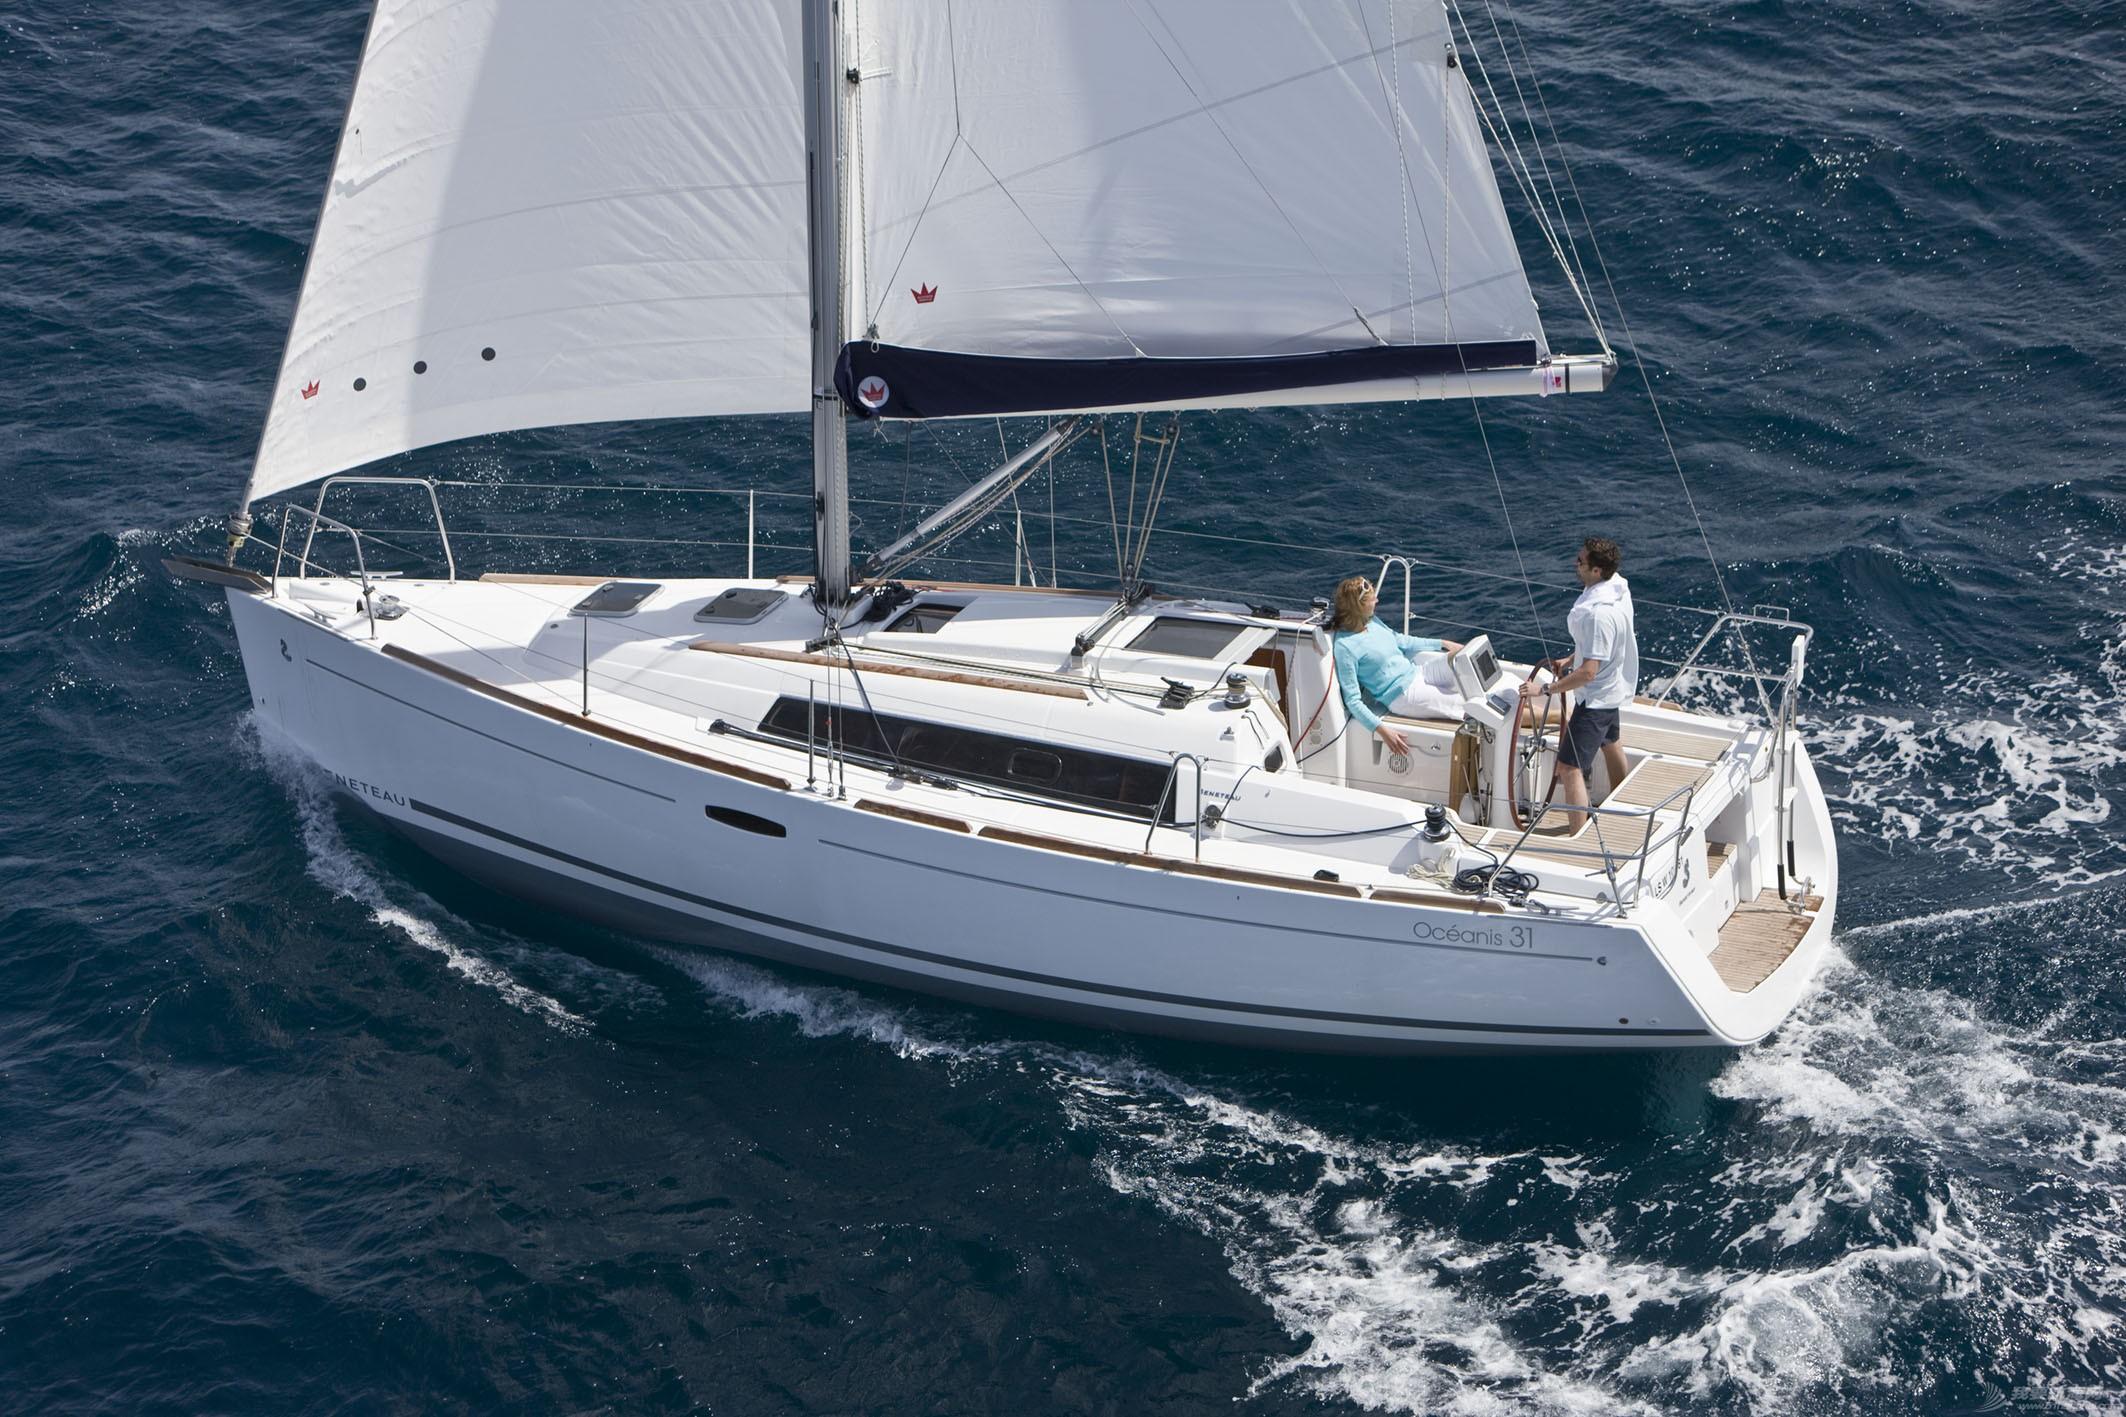 发动机,帆船,型号 Beneteau Oceanis 31 博纳多遨享仕31英尺单体帆船 博纳多遨享仕31单体帆船